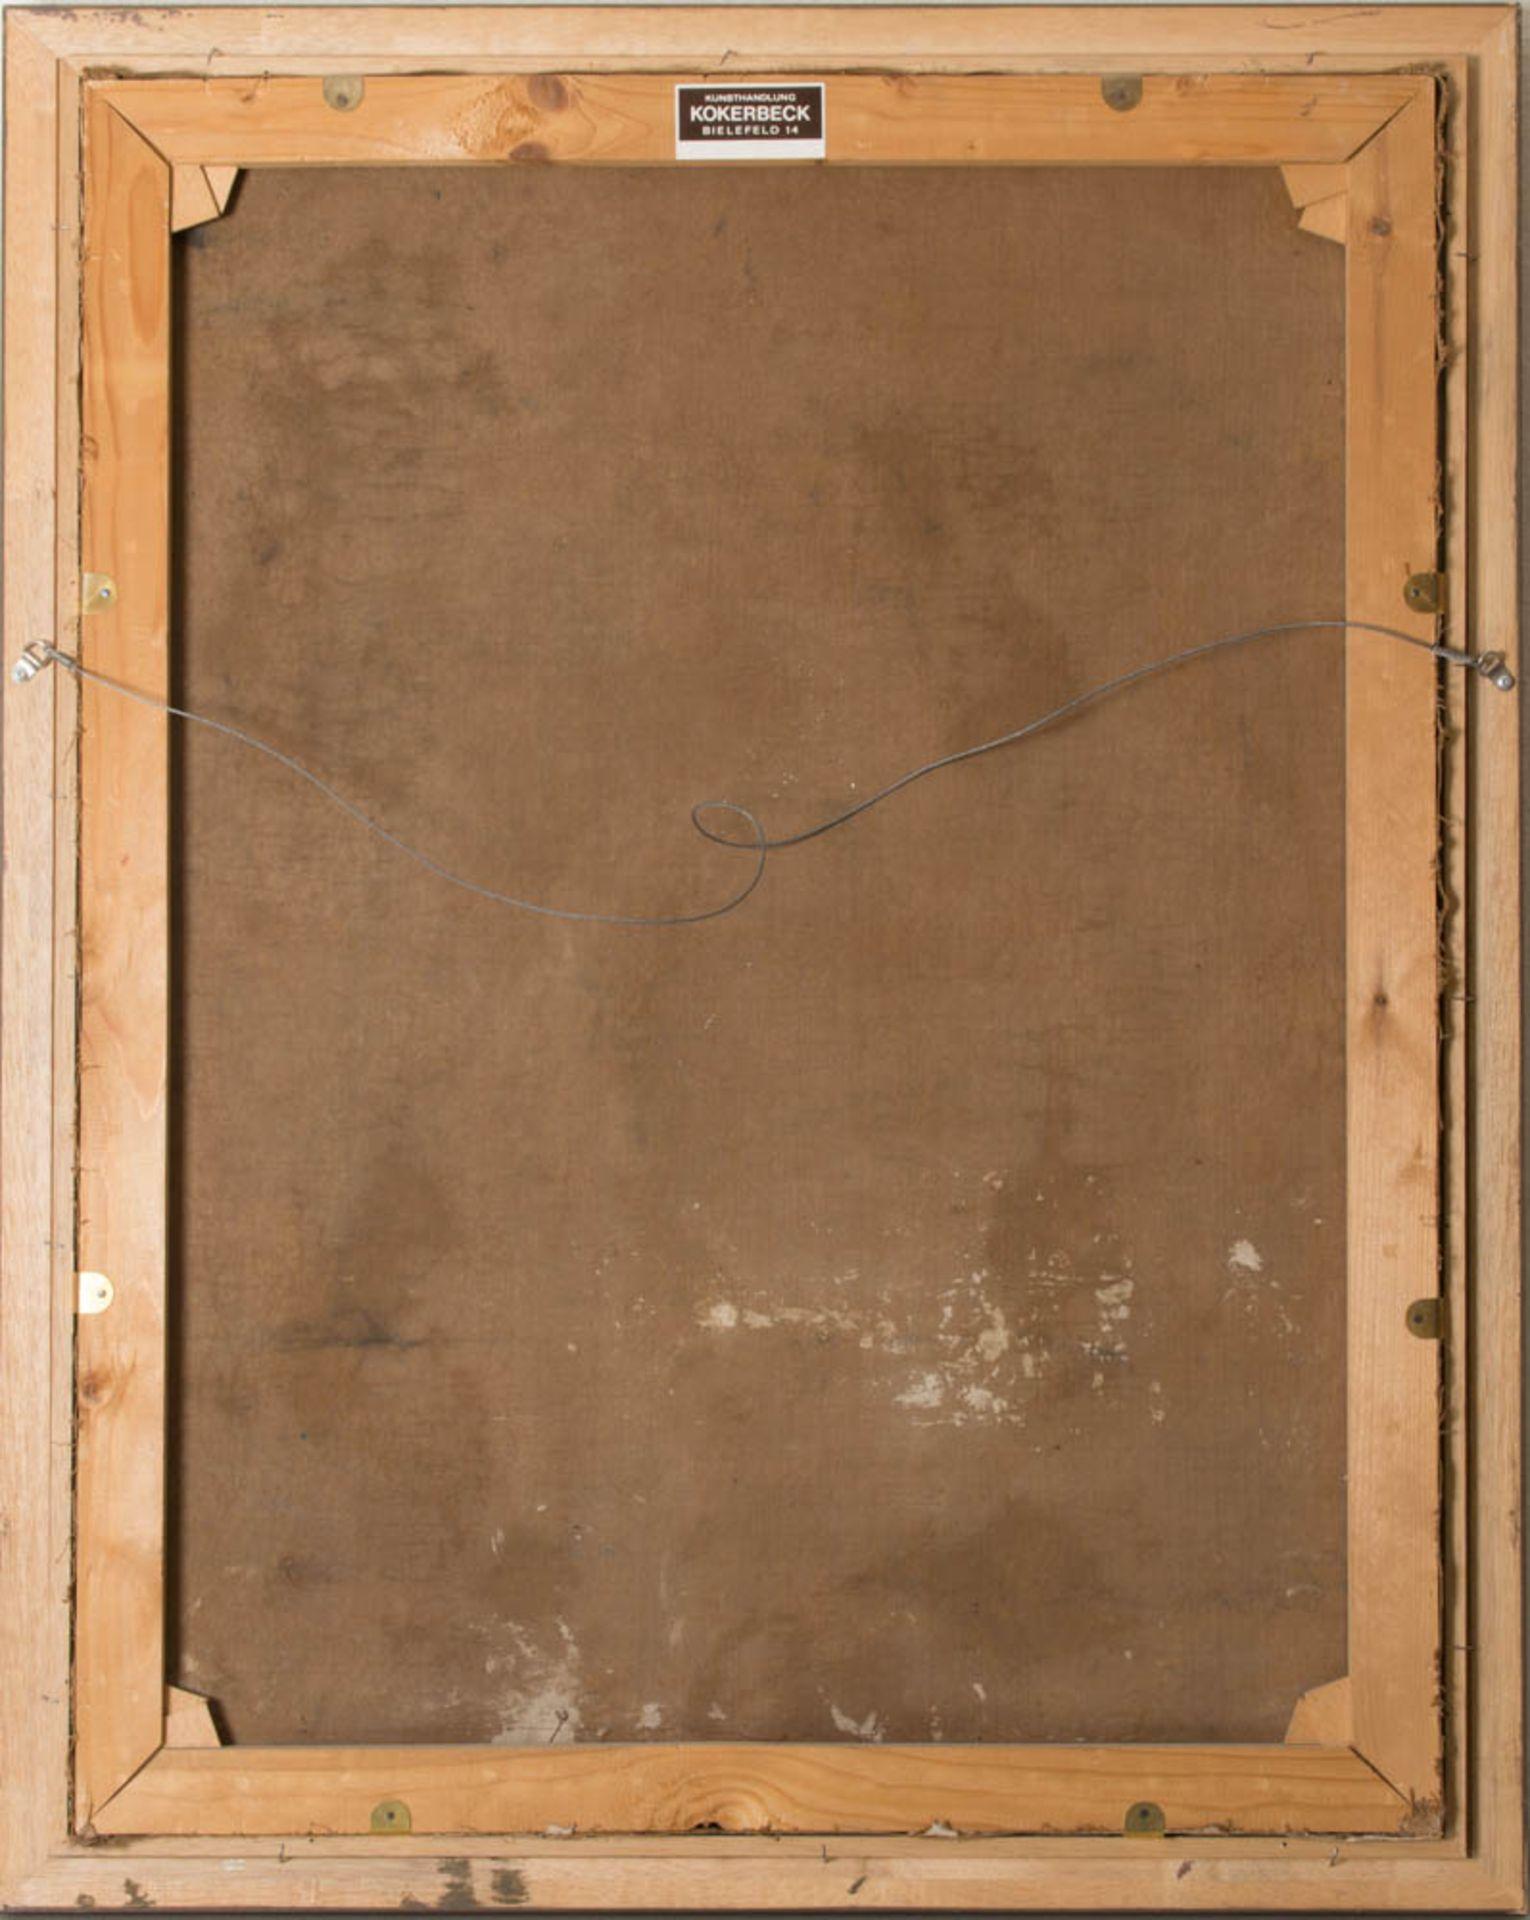 Georg Waltenberger, Damenportait, Öl auf Leinwand, Deutschland 20. Jh.Unten rechts si - Bild 3 aus 3